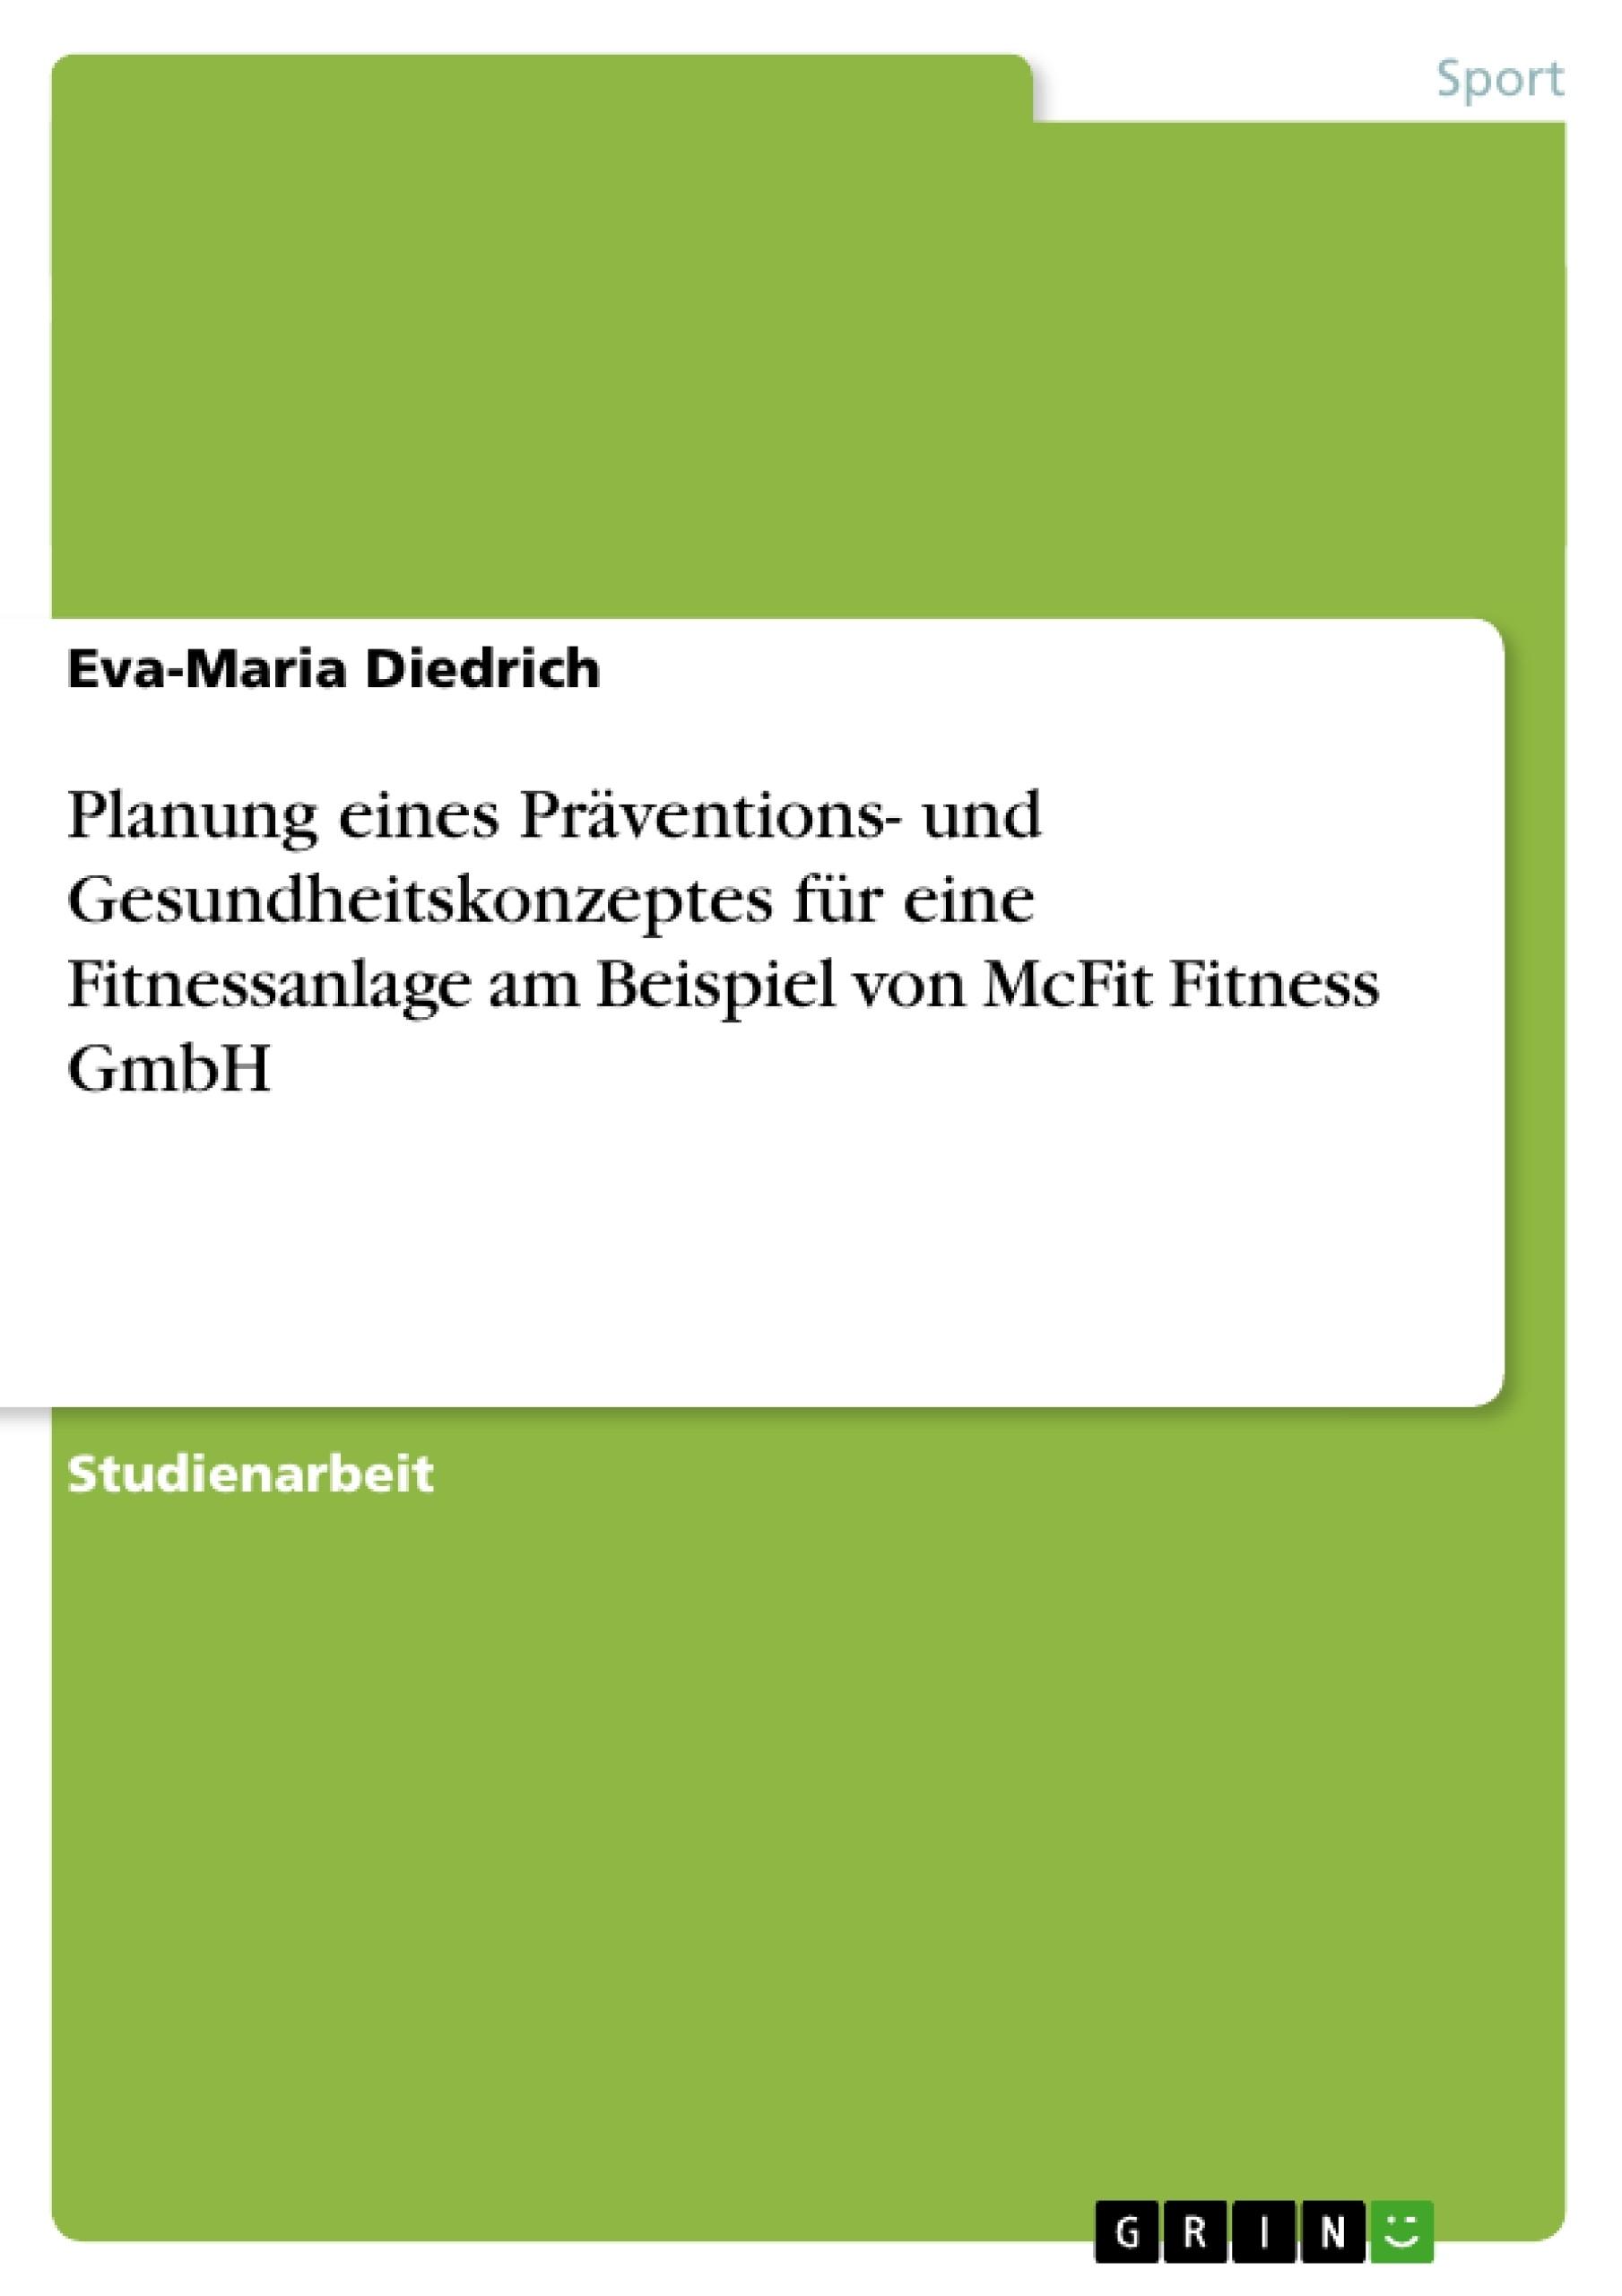 Titel: Planung eines Präventions- und Gesundheitskonzeptes für eine Fitnessanlage am Beispiel von McFit Fitness GmbH